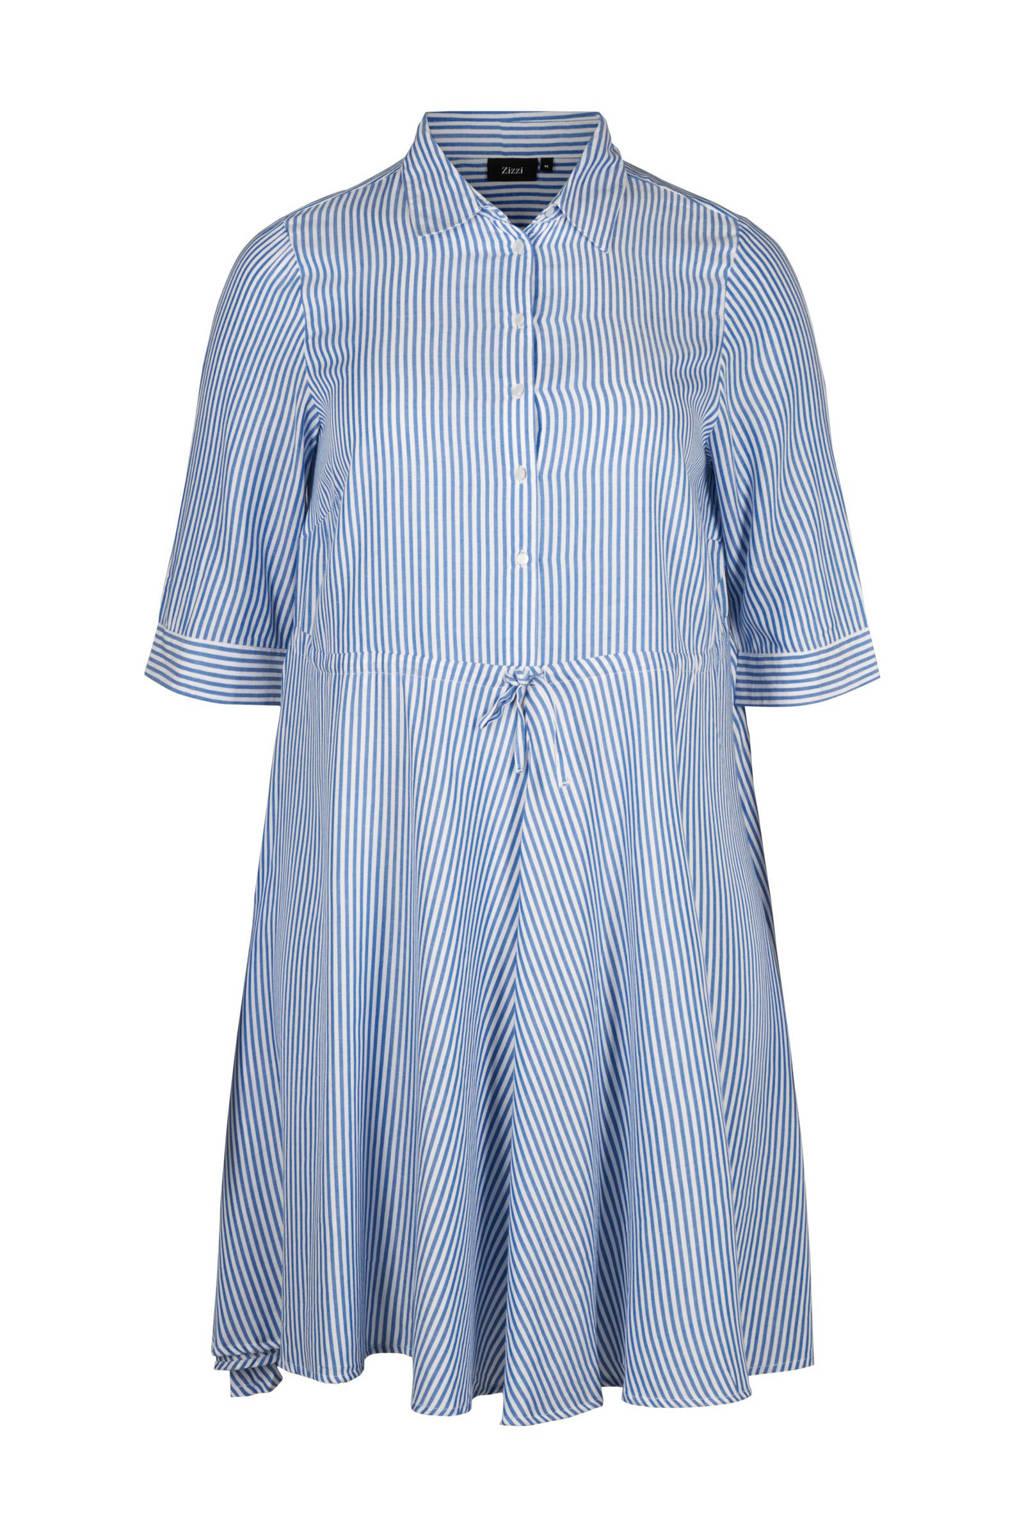 Zizzi jurk met strepen, blauw/ wit